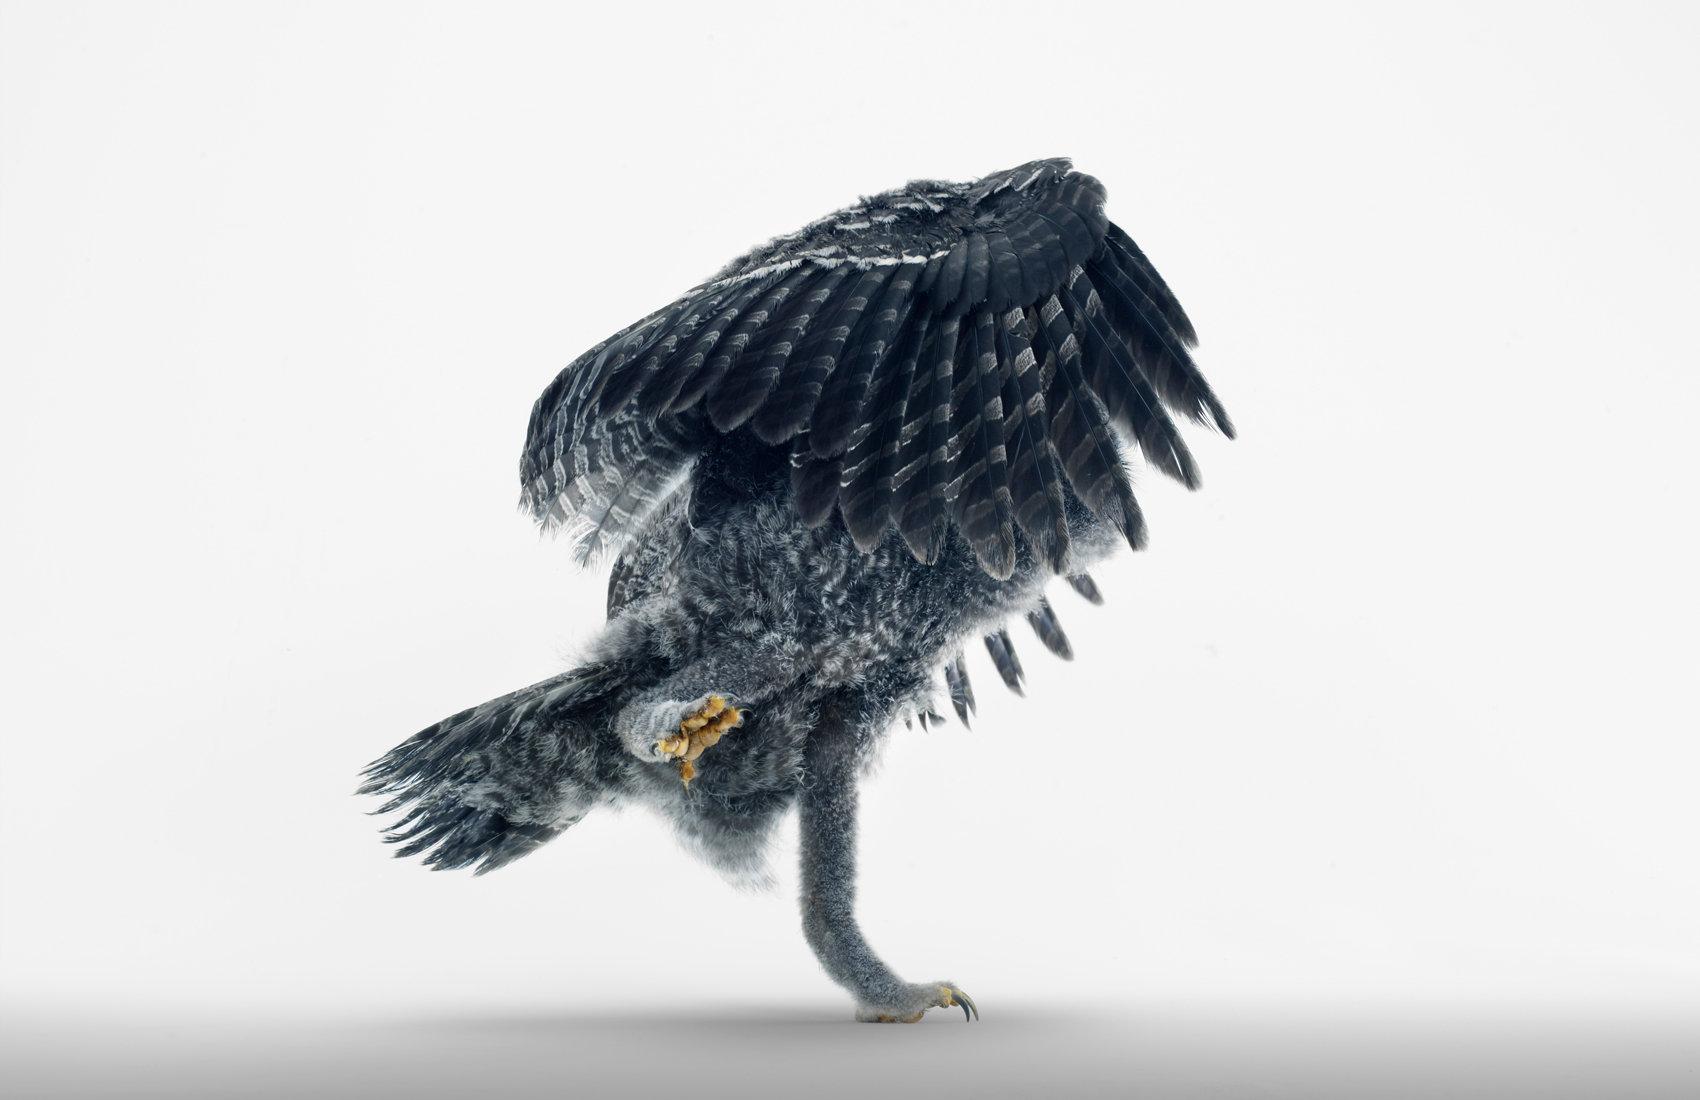 18_3764-OWL 001414 V1.jpg